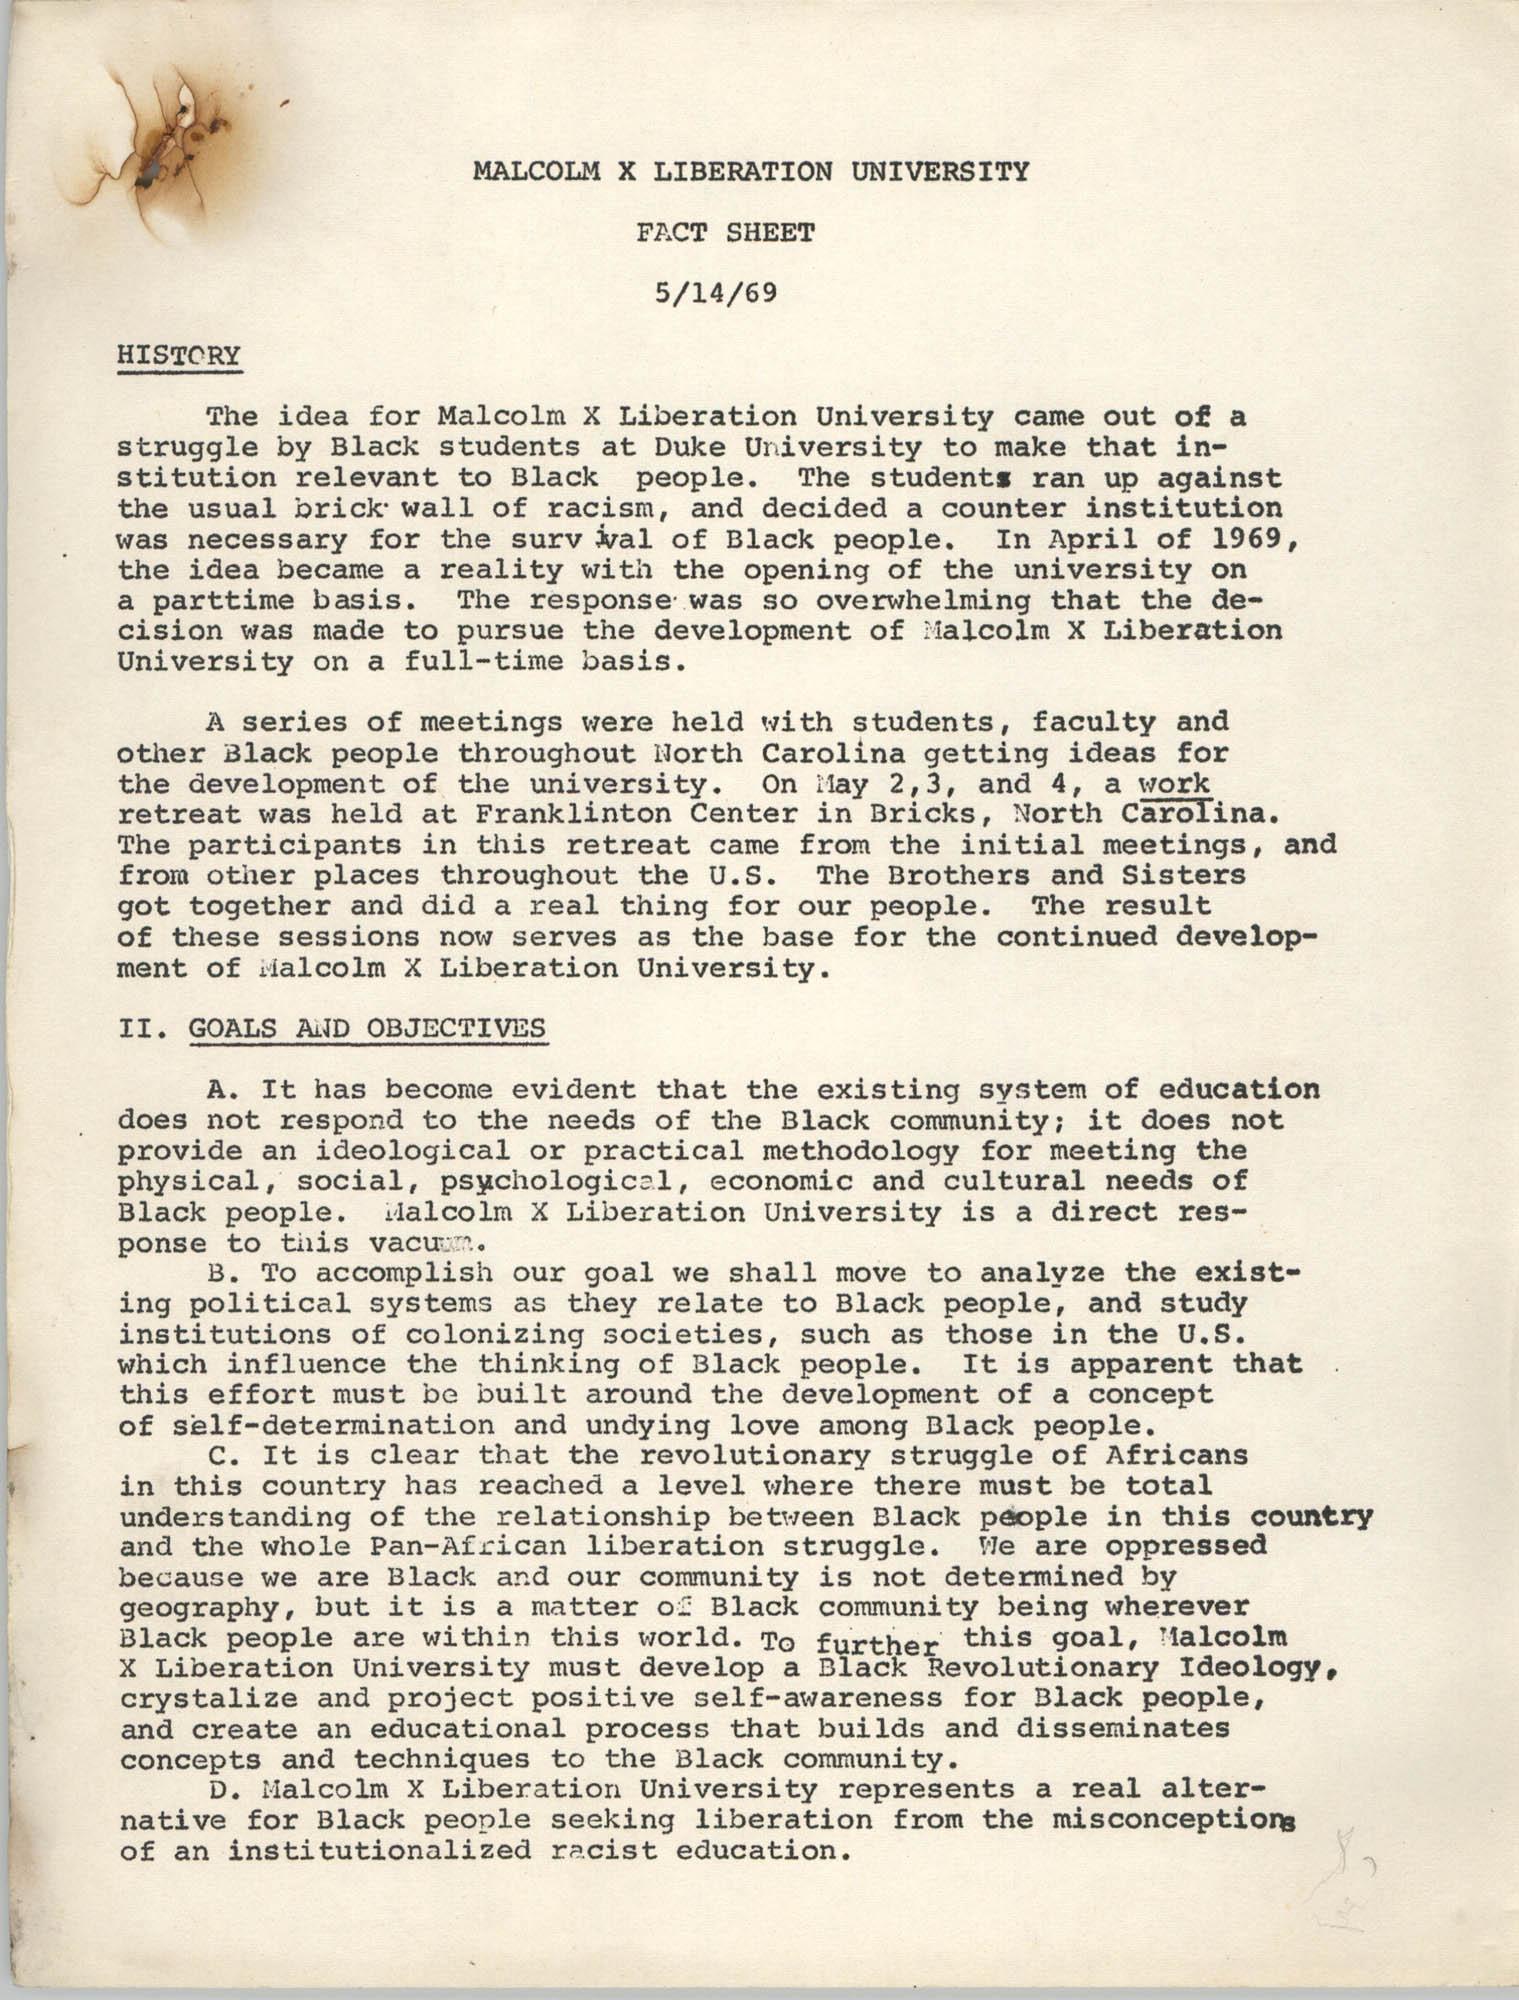 Malcolm X Liberation University Fact Sheet